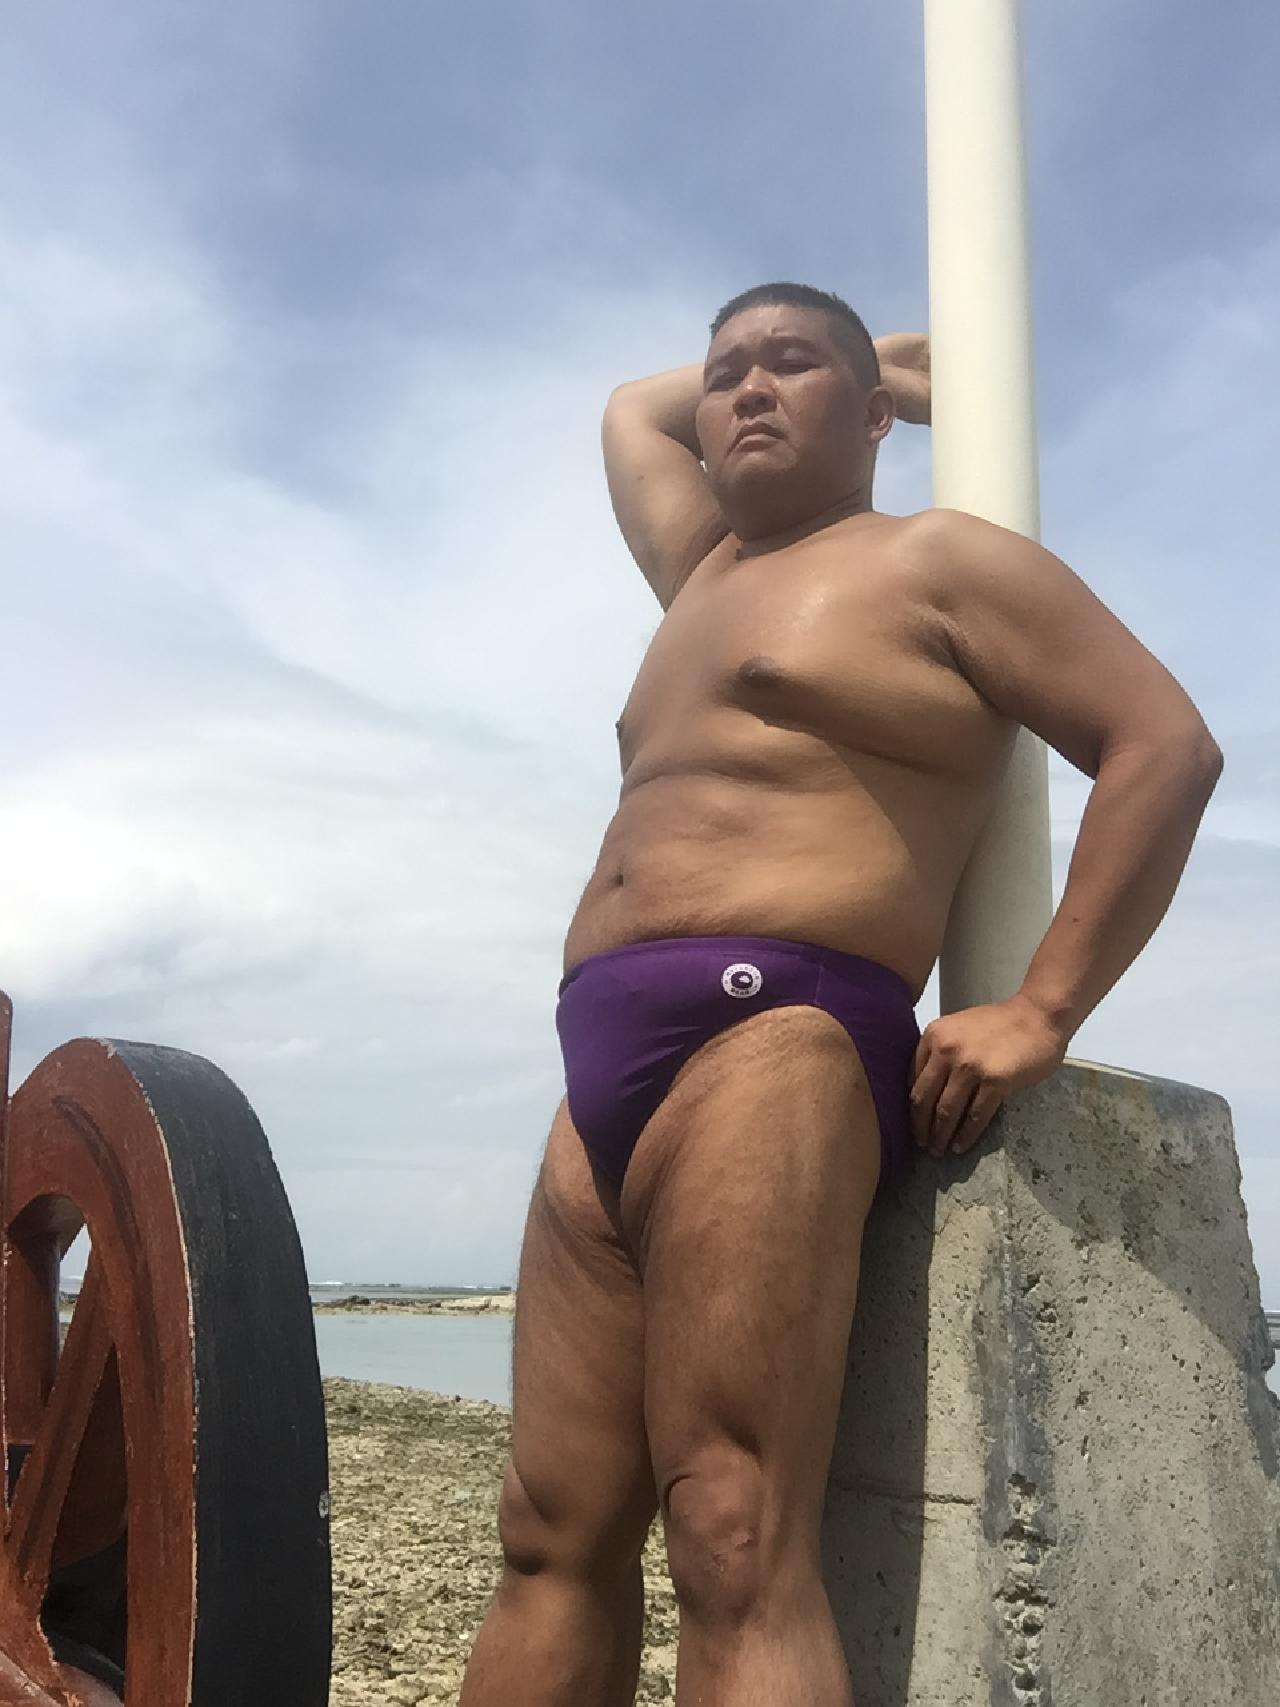 Bikini sun bather (218/218)